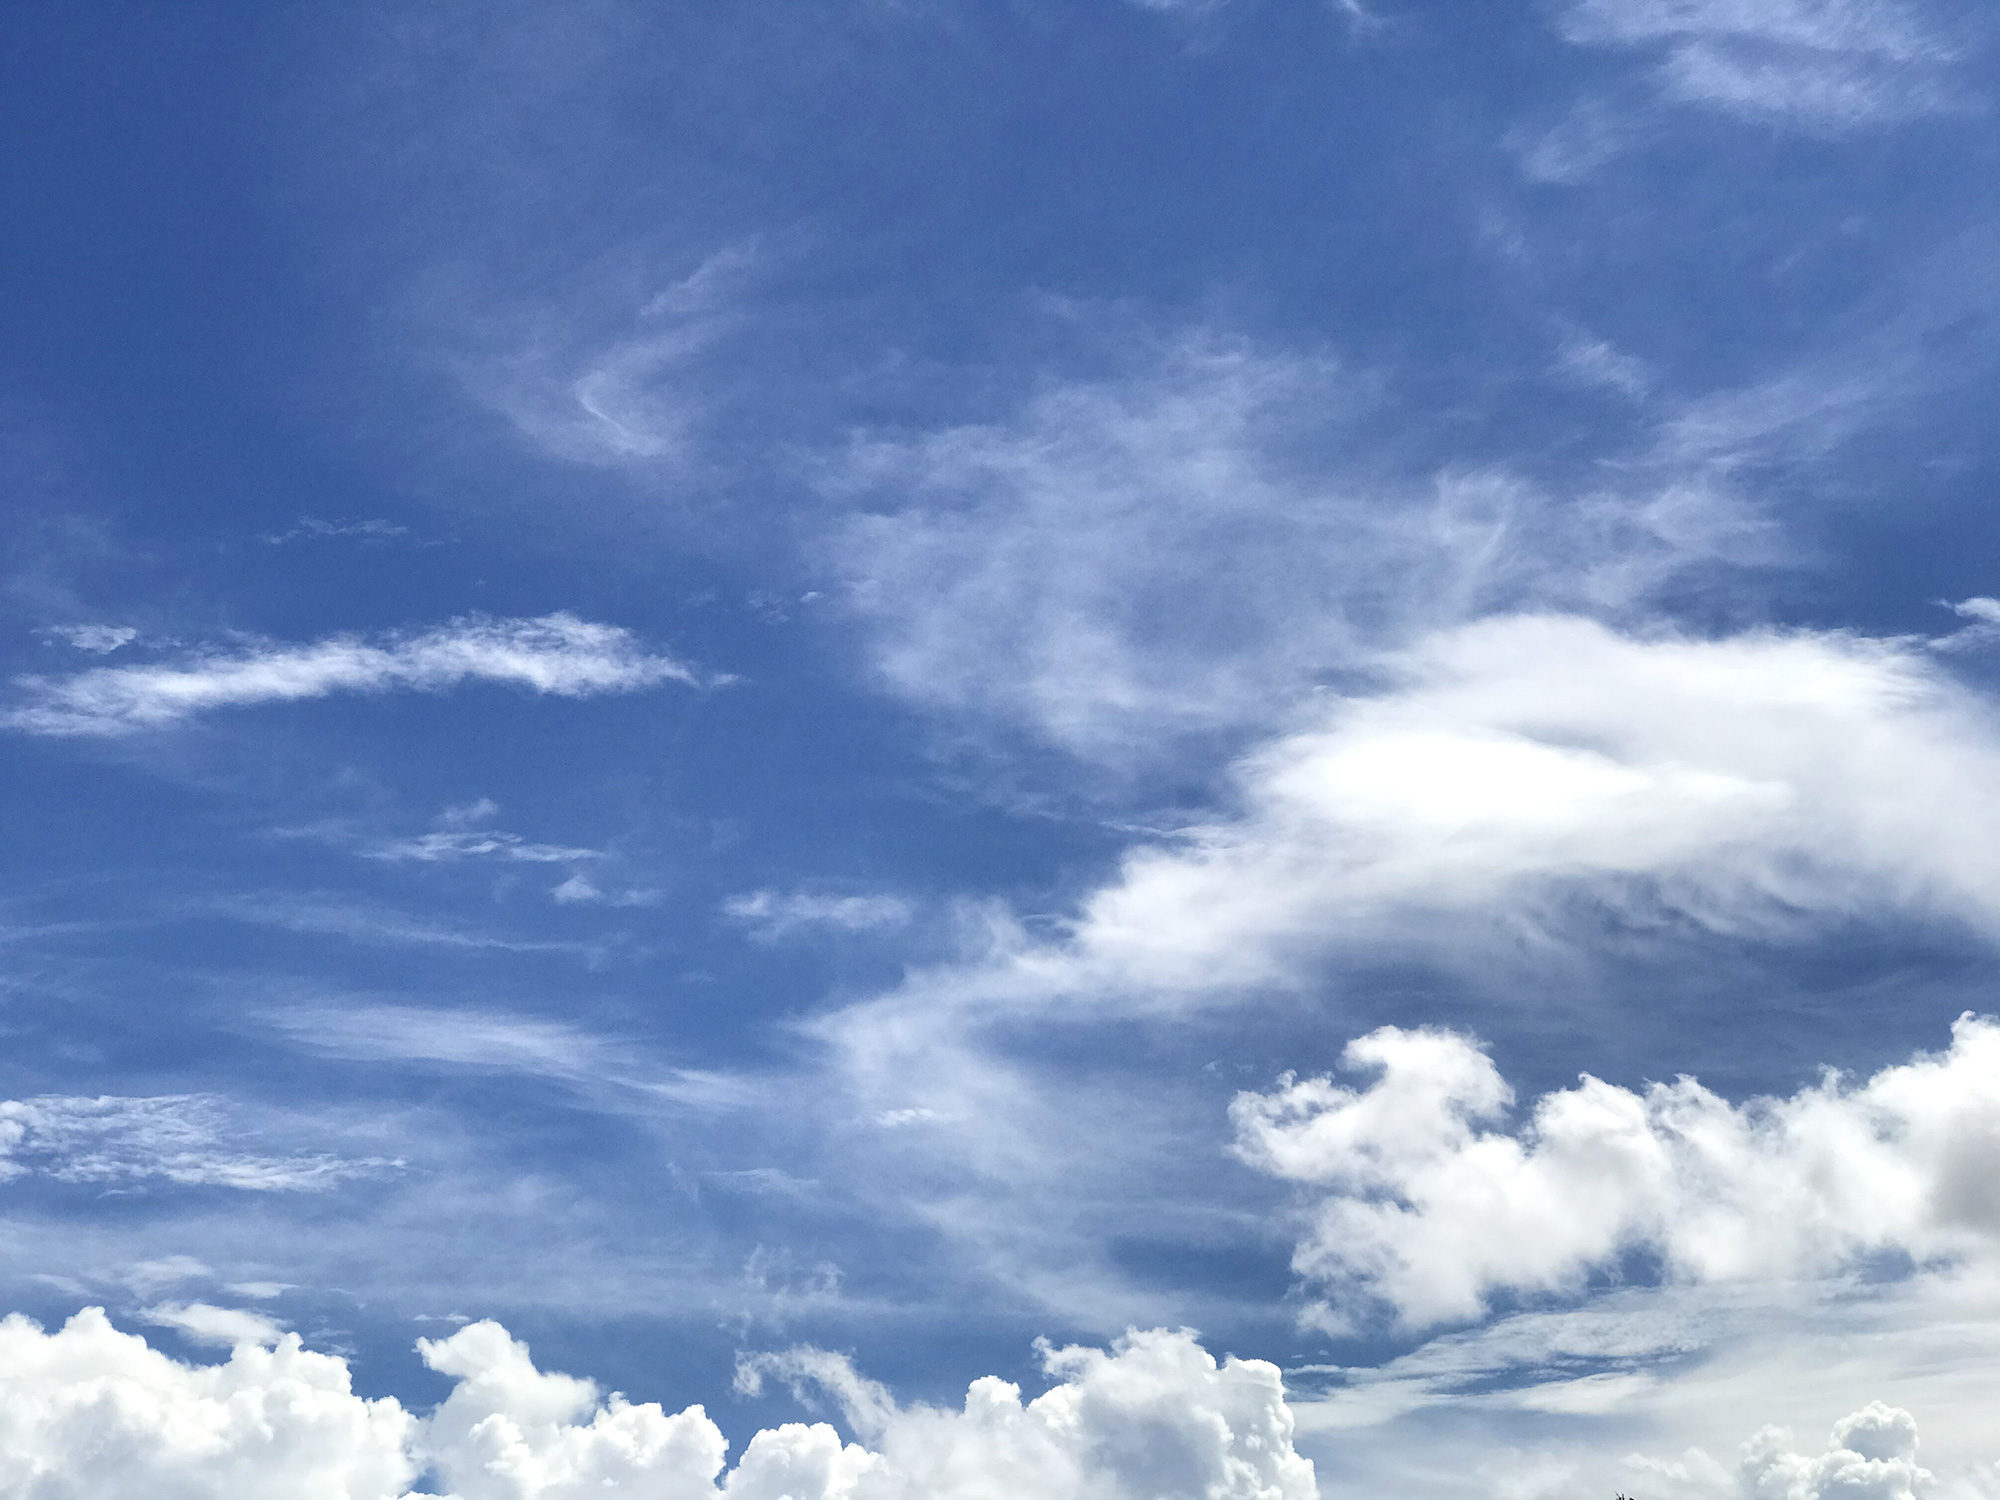 青空に浮かぶ雲のフリー素材